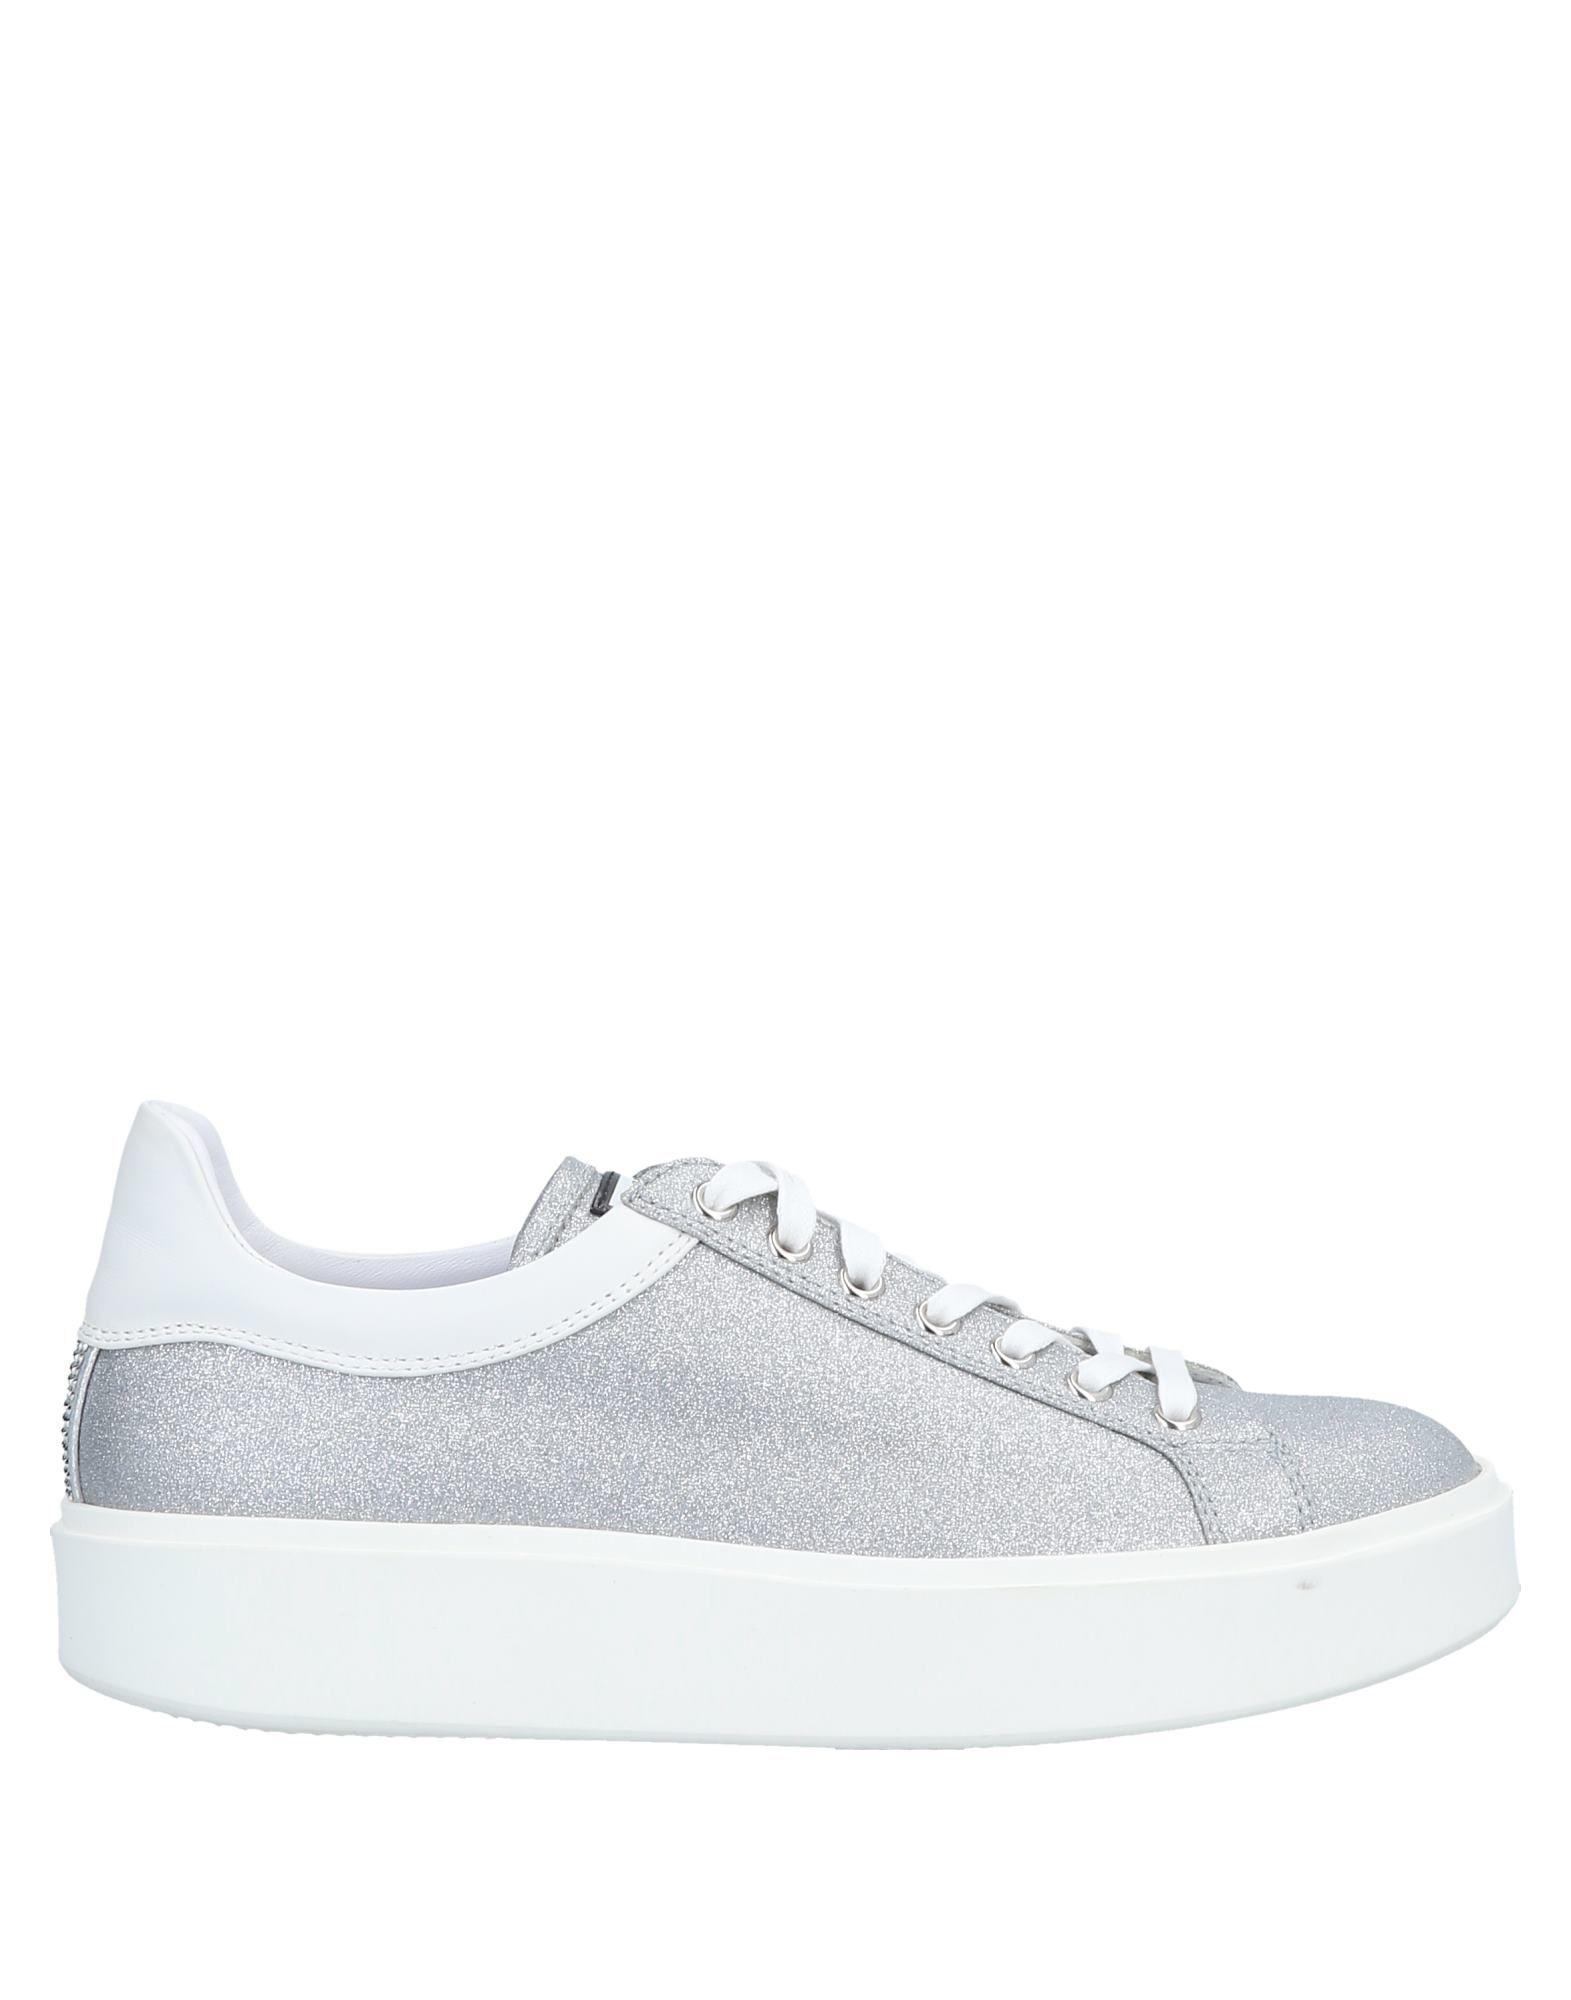 Le Silla Glitters Sneakers